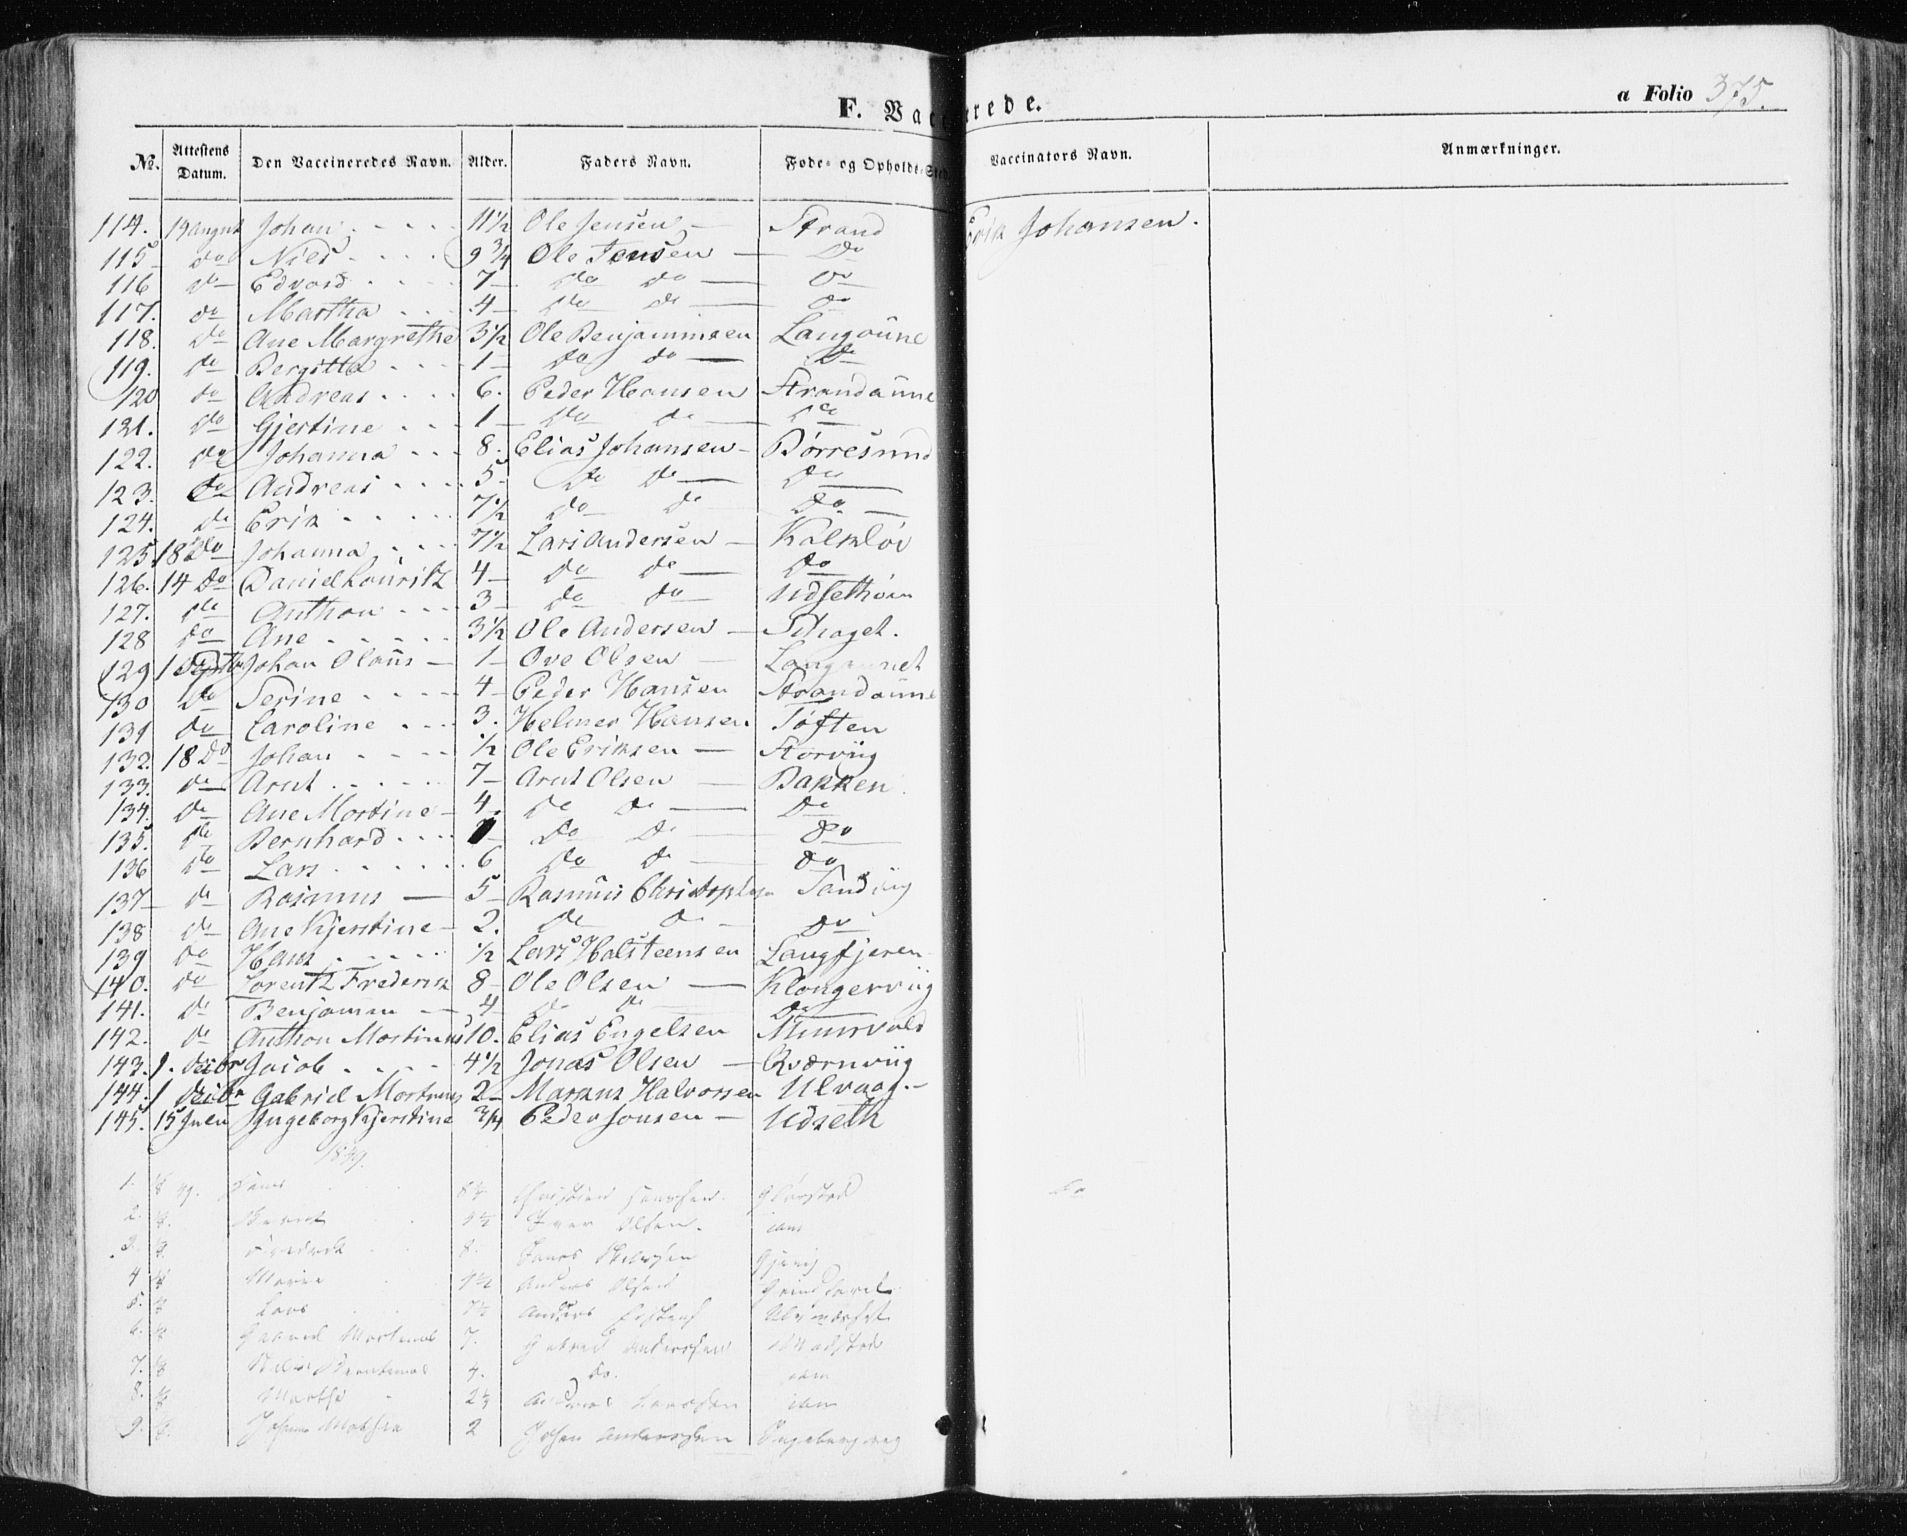 SAT, Ministerialprotokoller, klokkerbøker og fødselsregistre - Sør-Trøndelag, 634/L0529: Ministerialbok nr. 634A05, 1843-1851, s. 375